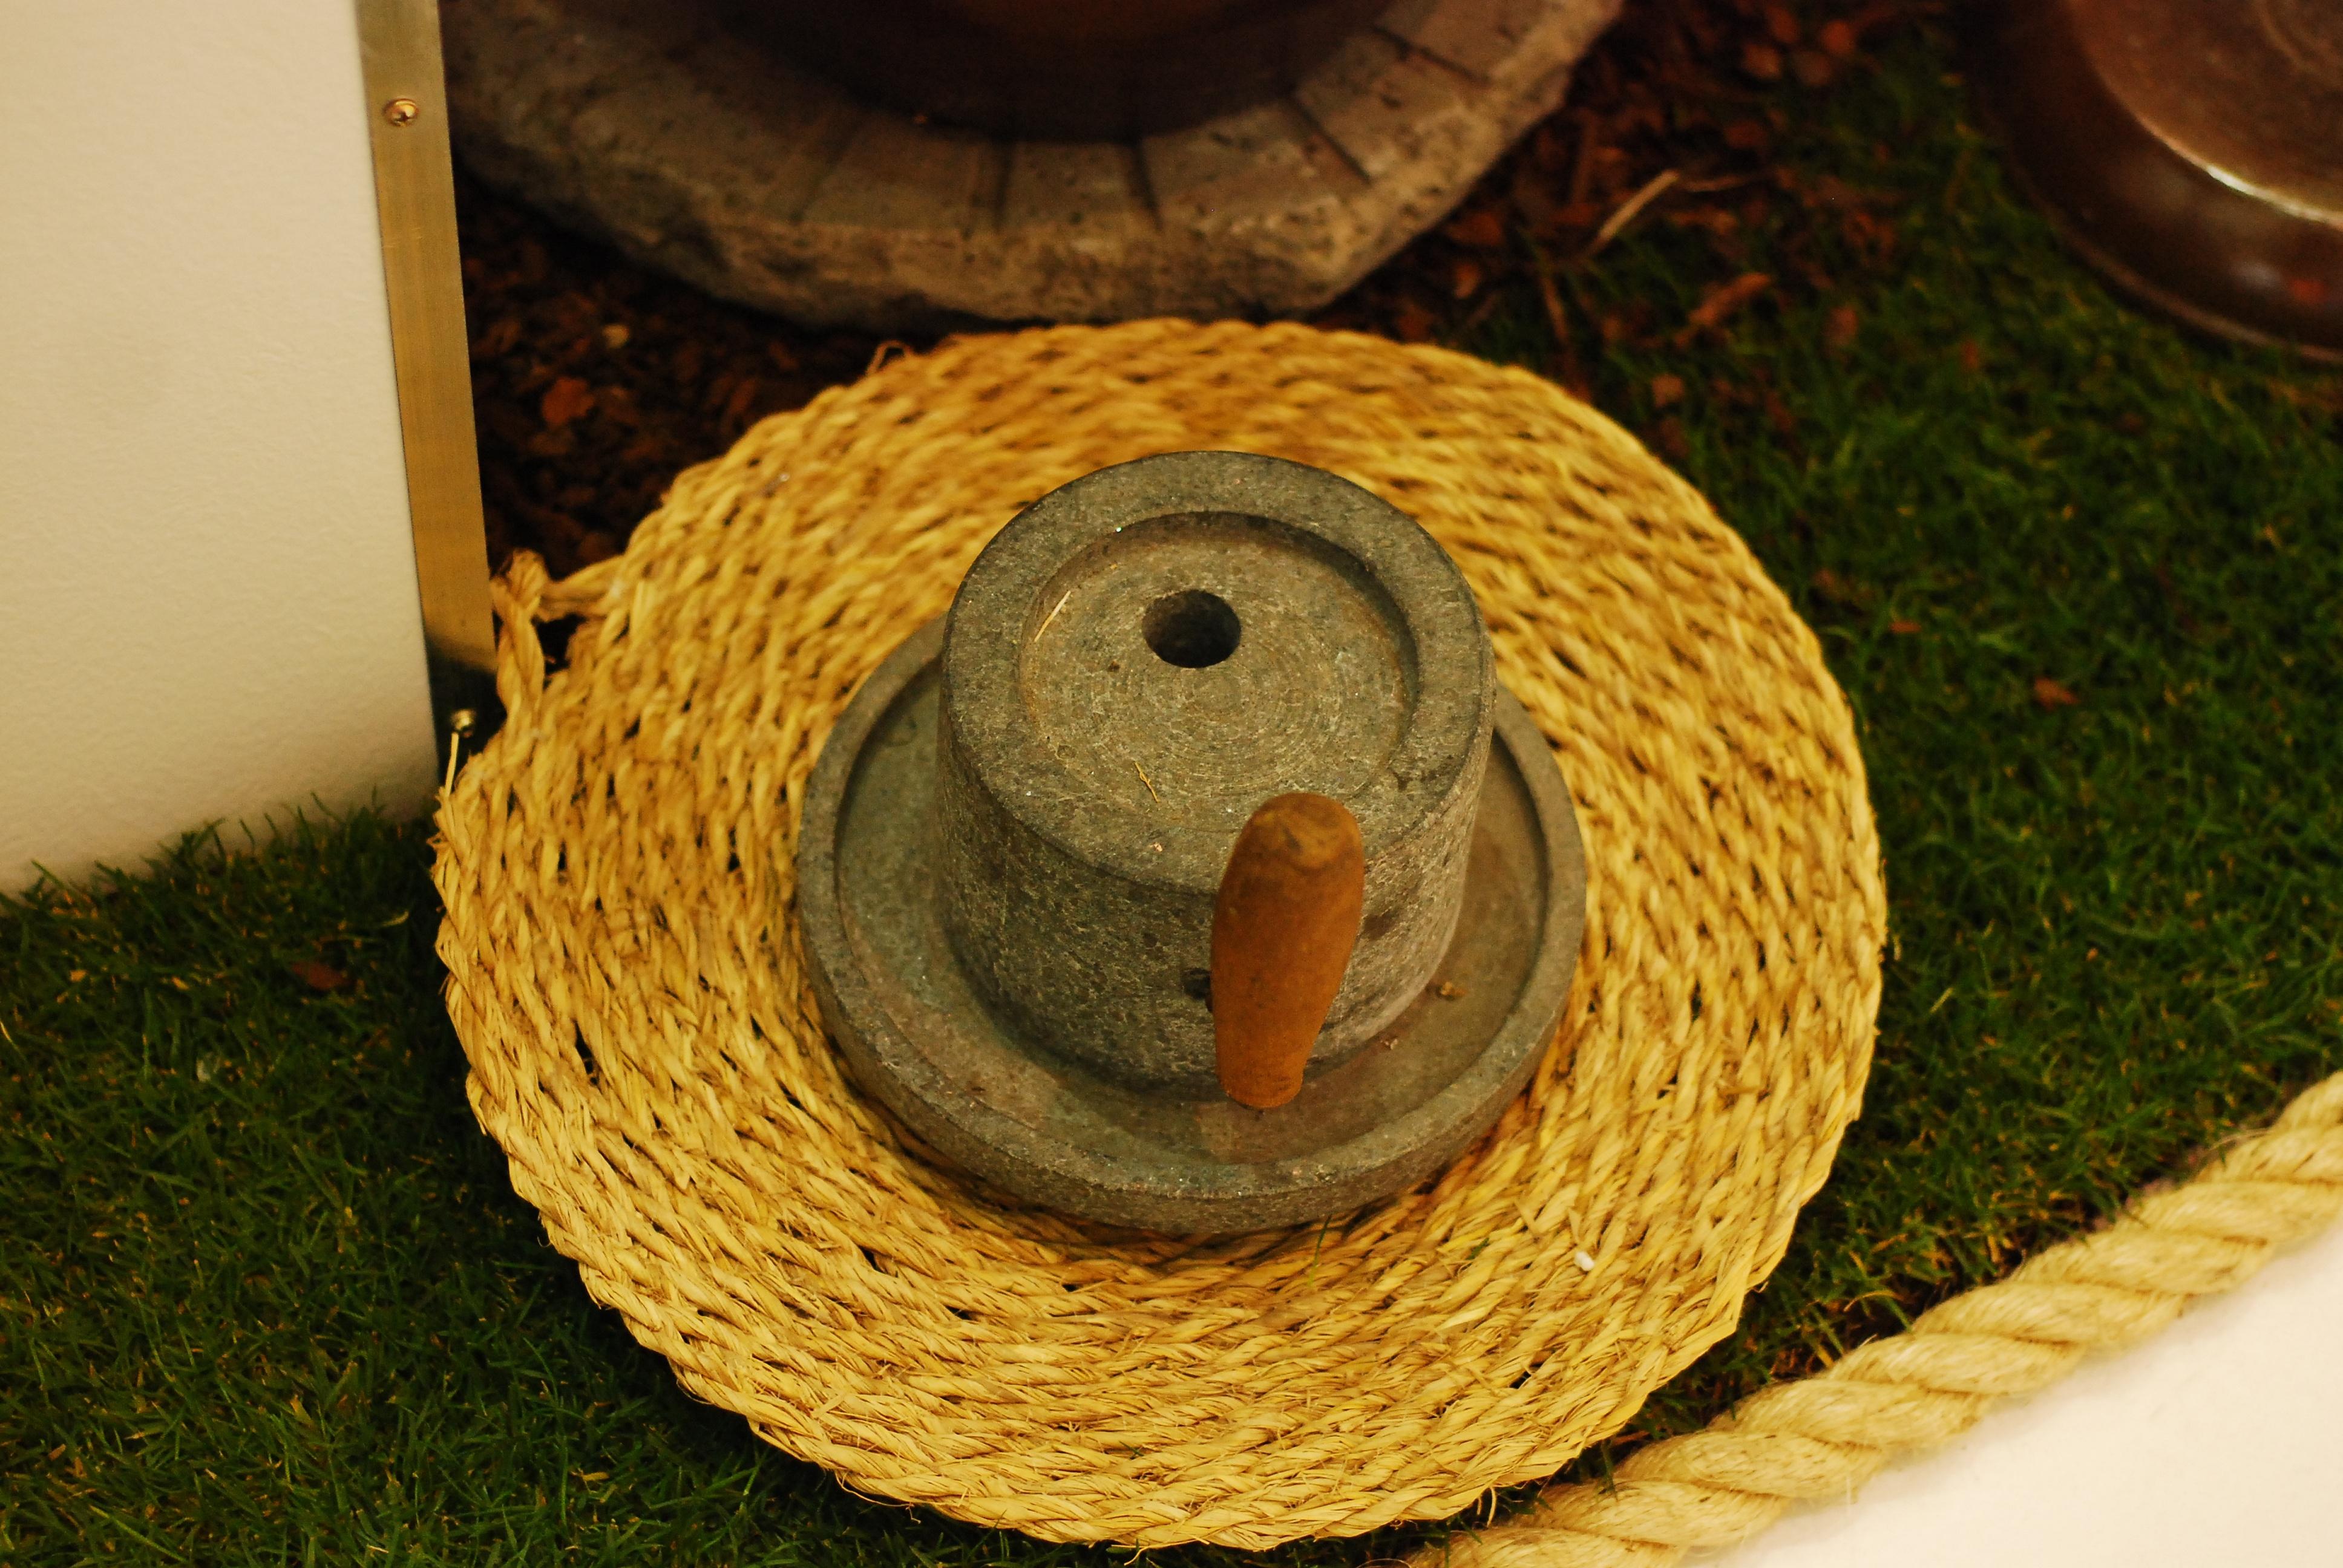 Fotos gratis : madera, amarillo, circulo, tejer, art, tradicional ...